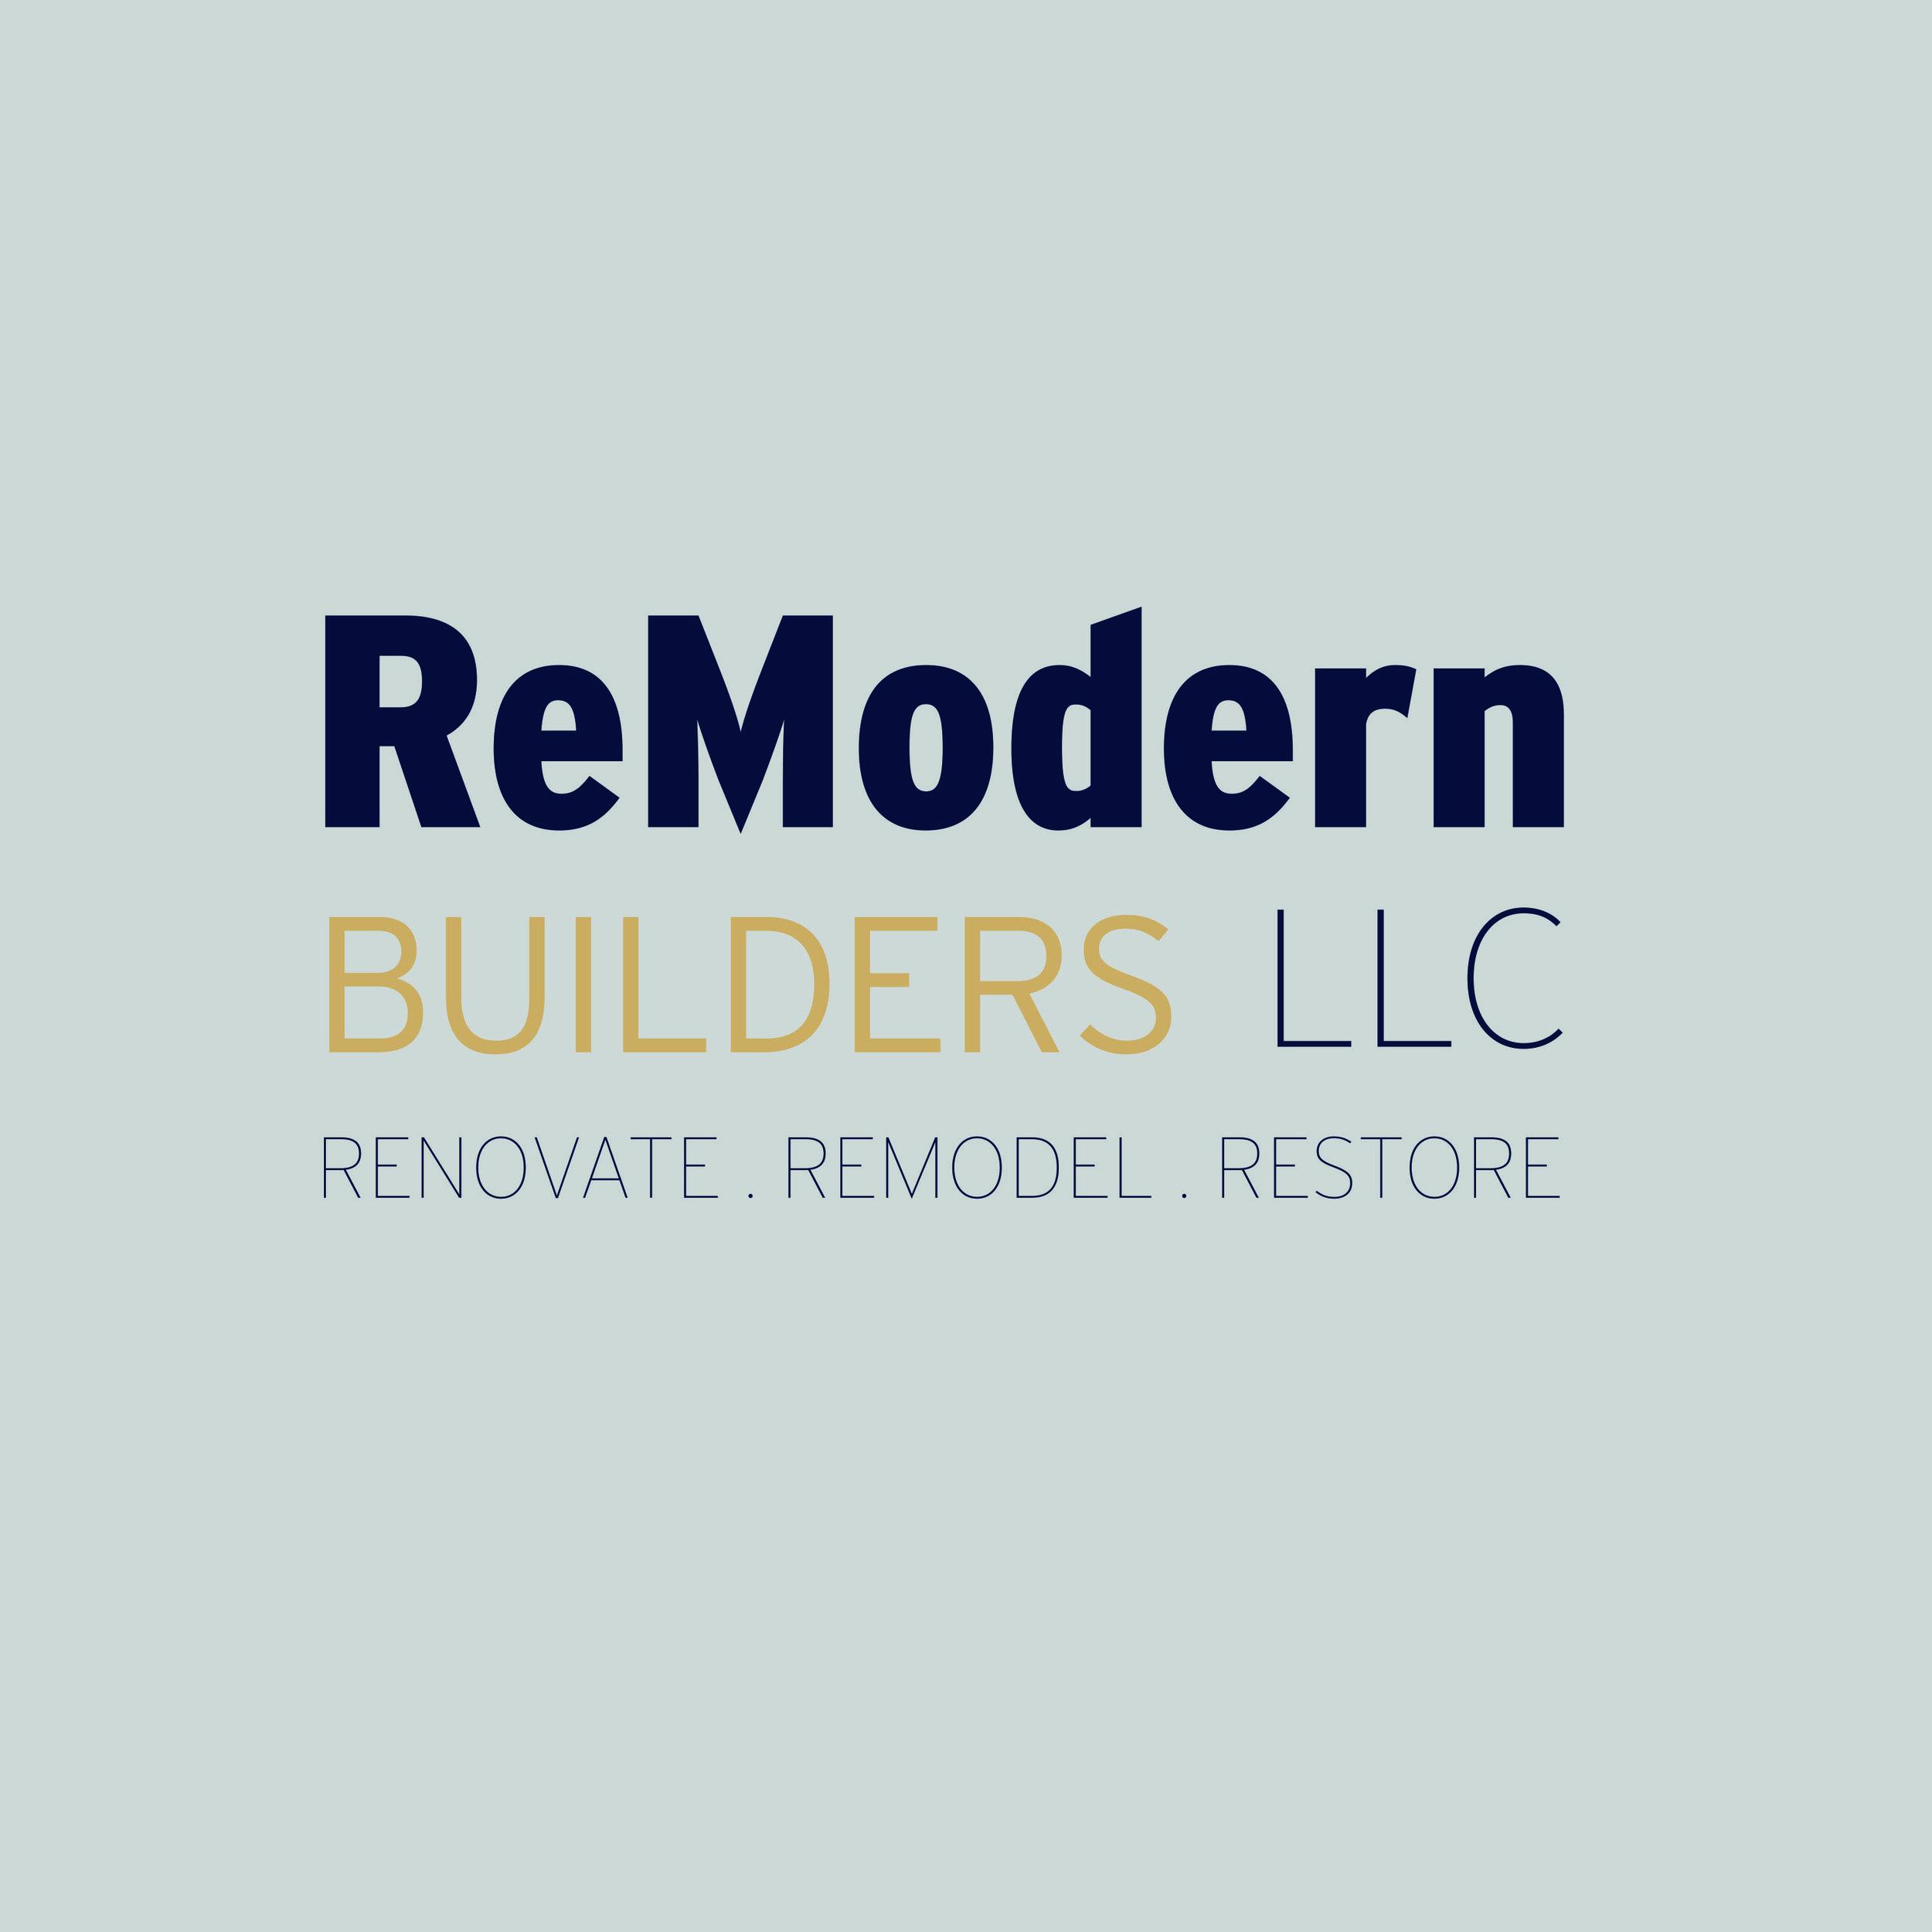 website_version_remodern_builders (1).jpg